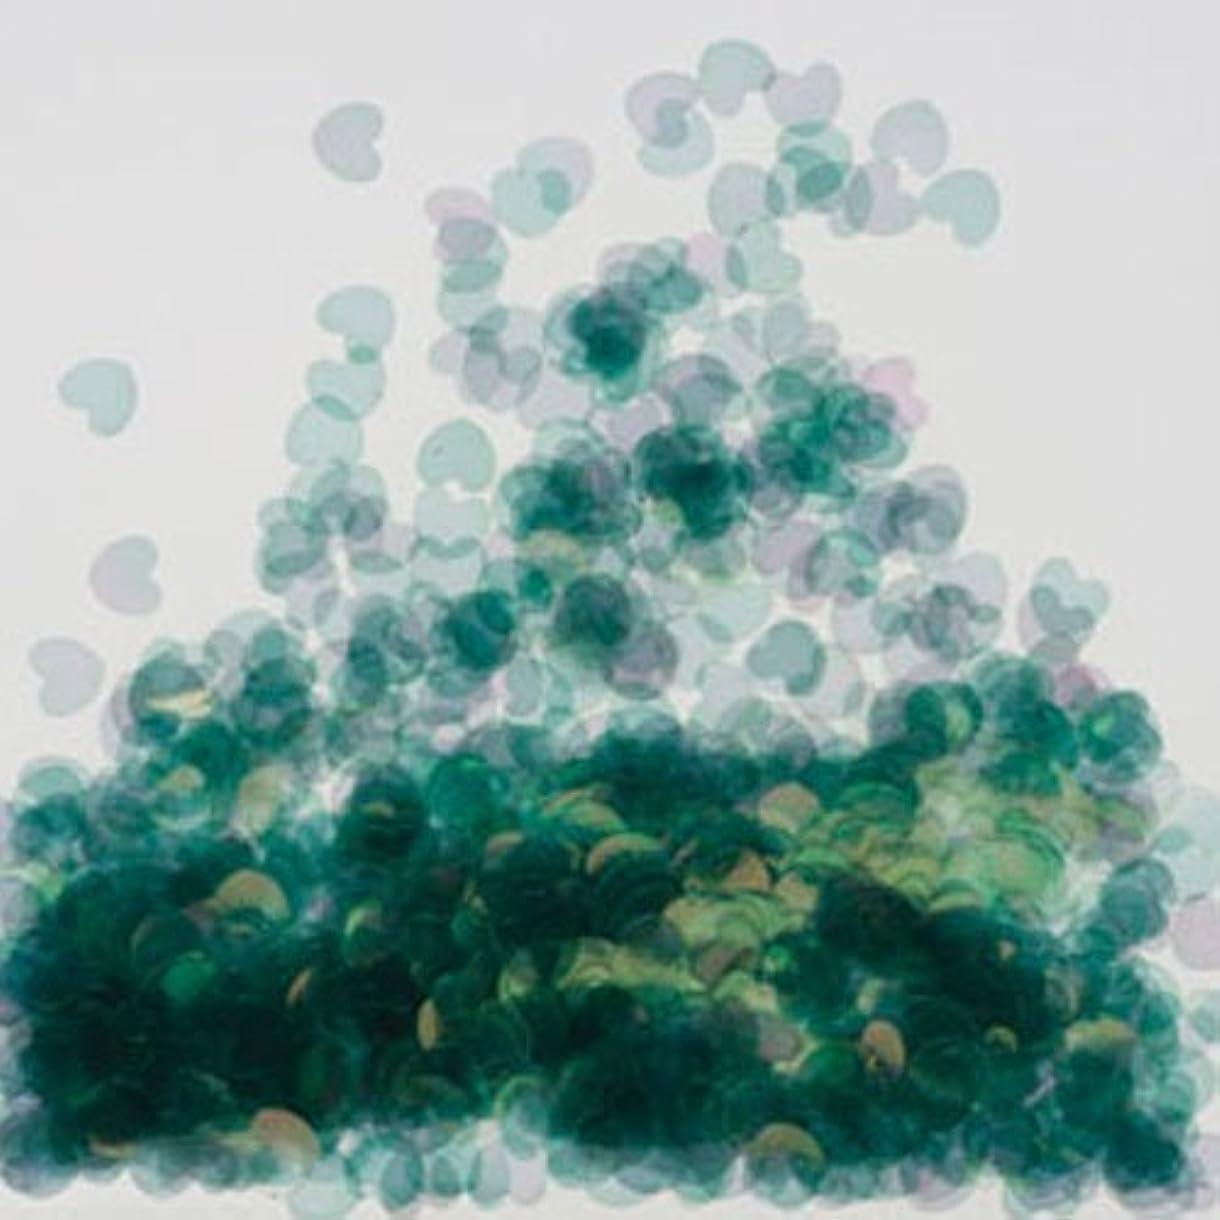 革命ユーザーほかにピカエース ネイル用パウダー ミニハートオーロラ 耐溶剤 #270 グリーン 0.5g